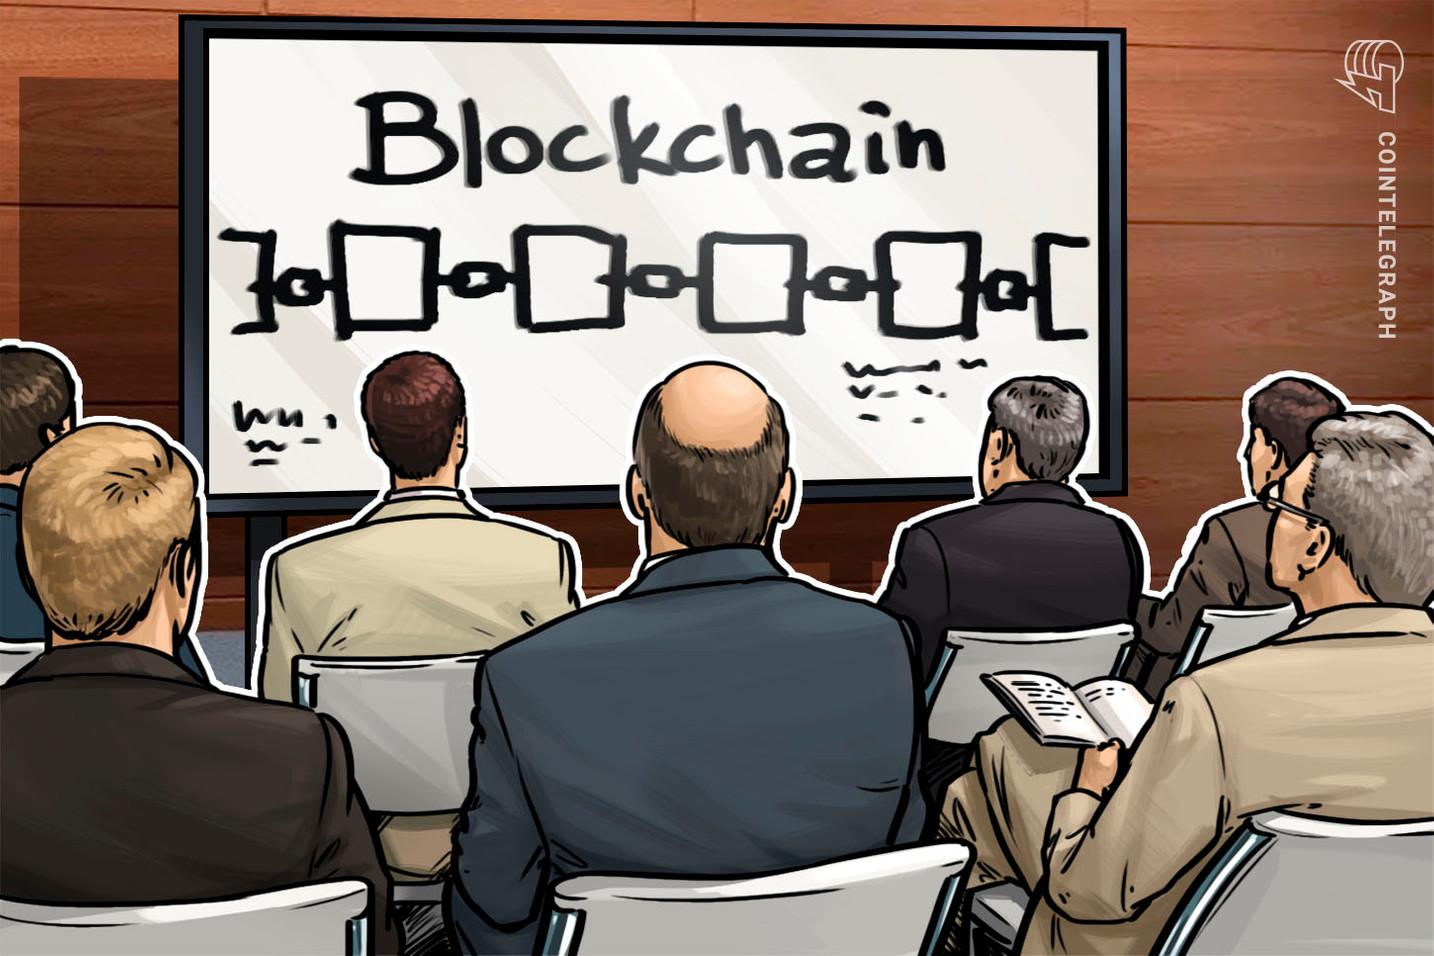 Türkiye'nin 2023 planlarında Ulusal Blockchain Altyapısı var